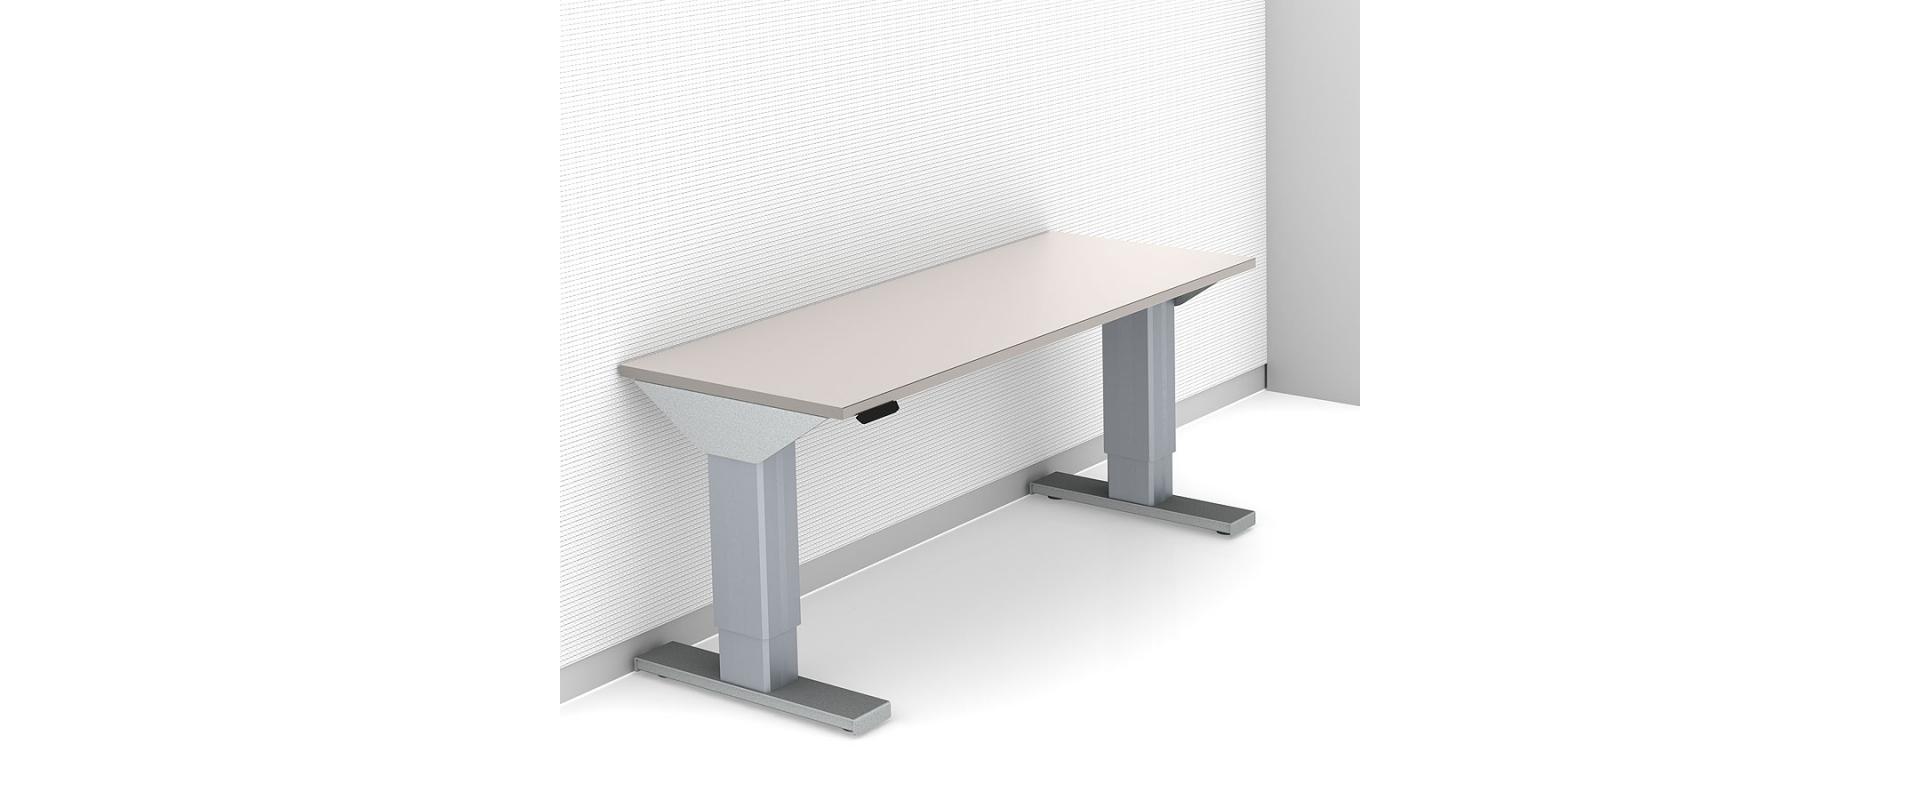 Elektriskt höj- och sänkbart bord 949